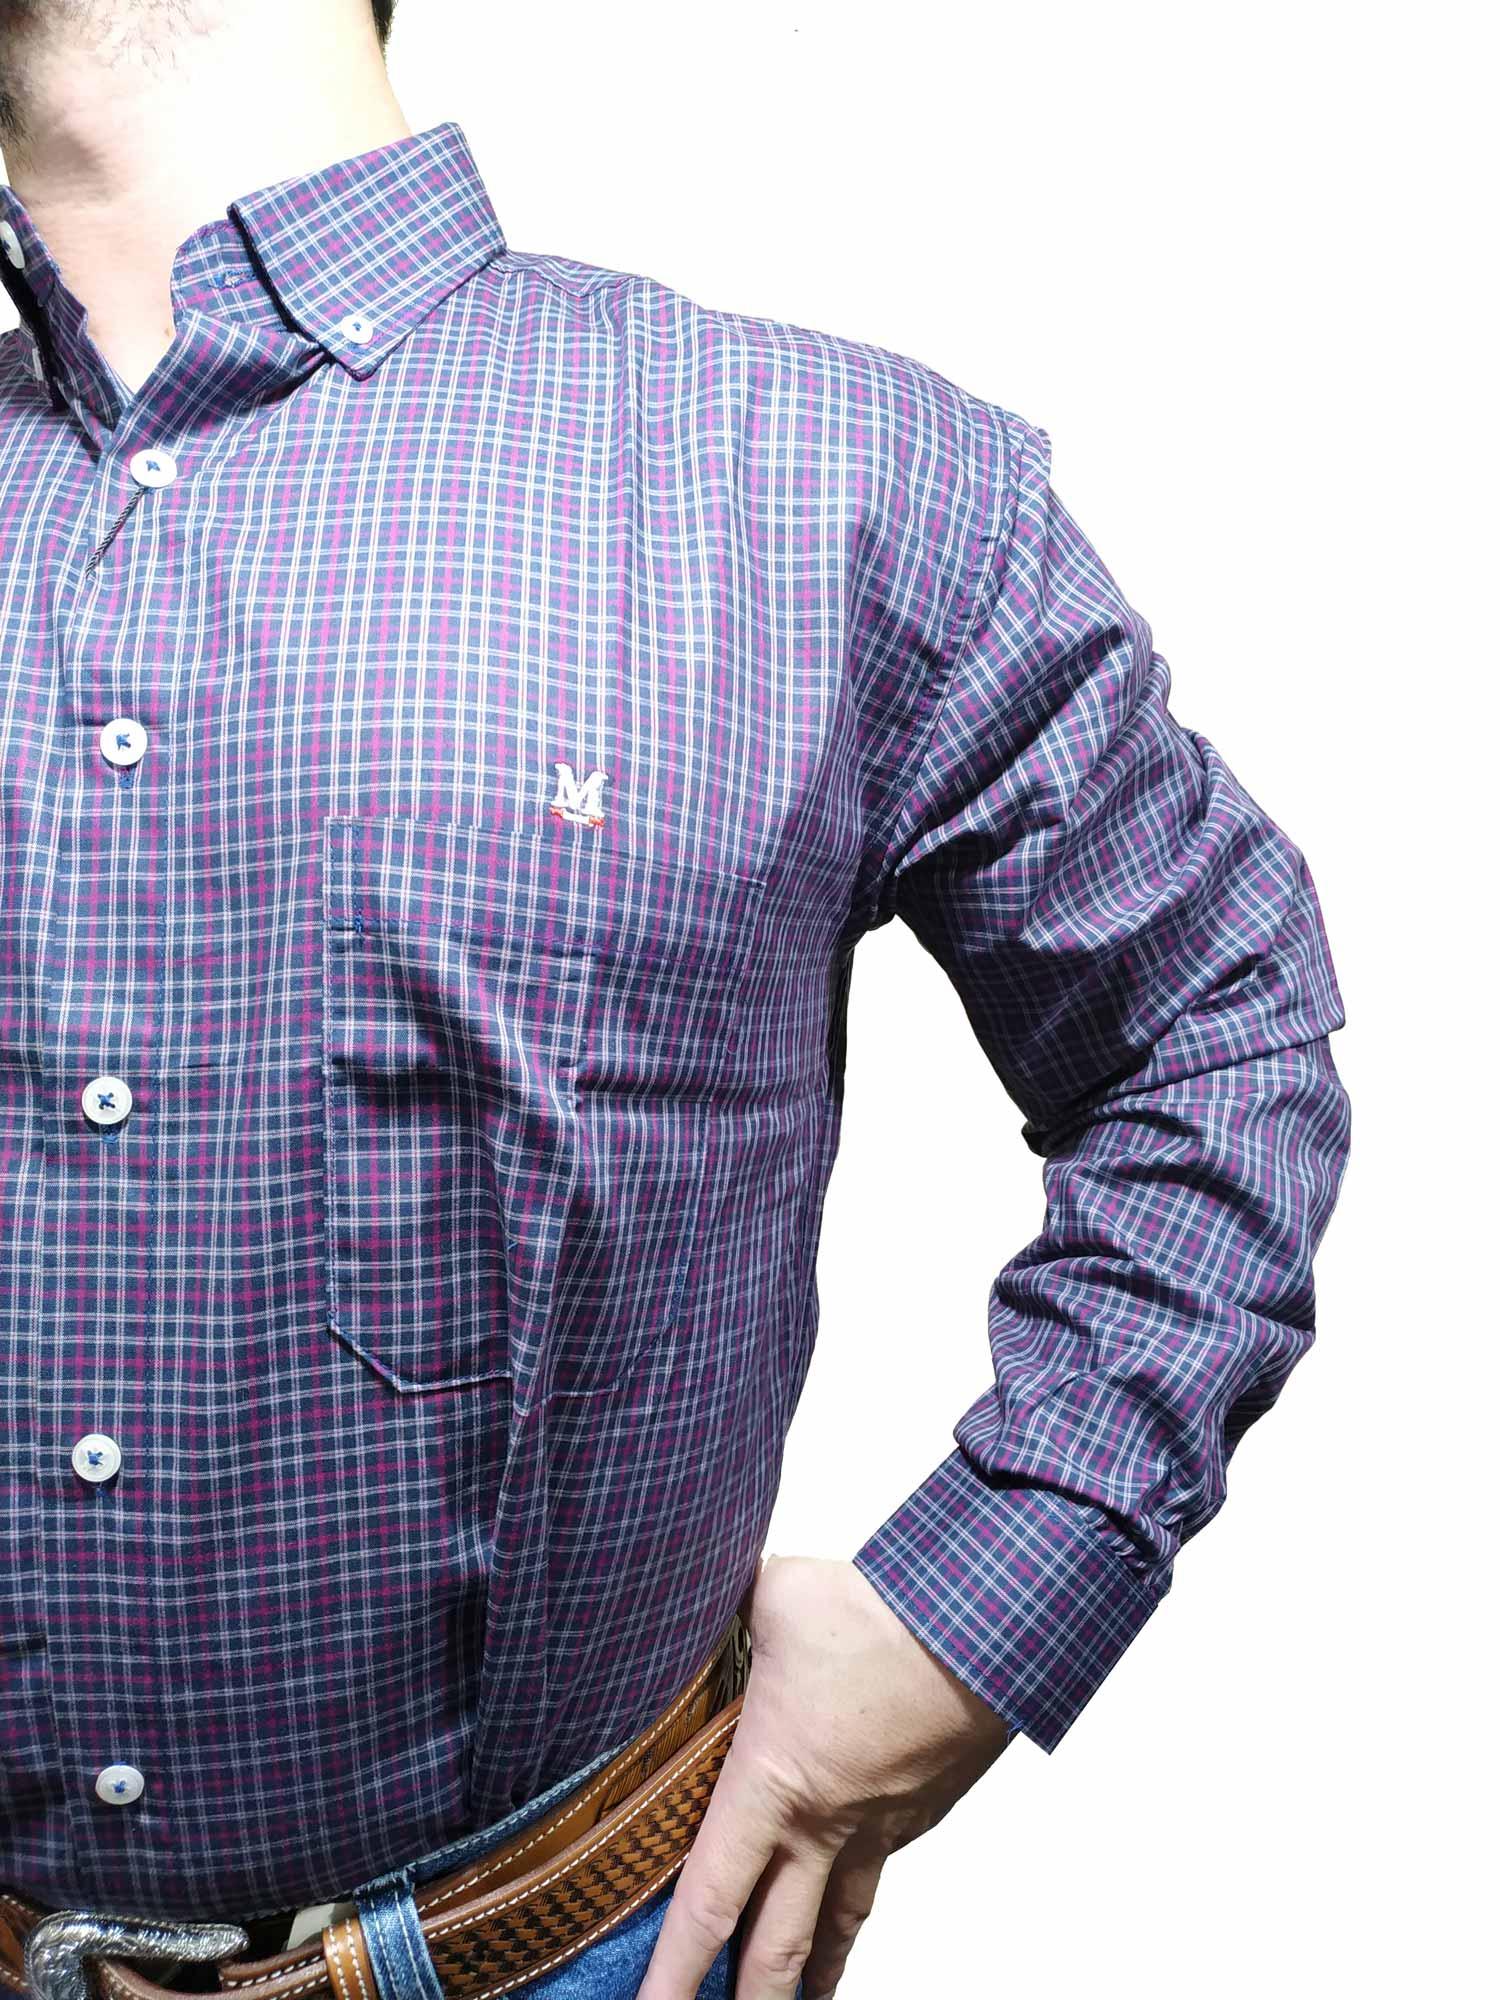 Camisa Masculina Minuty Ref. Xadrez 2910